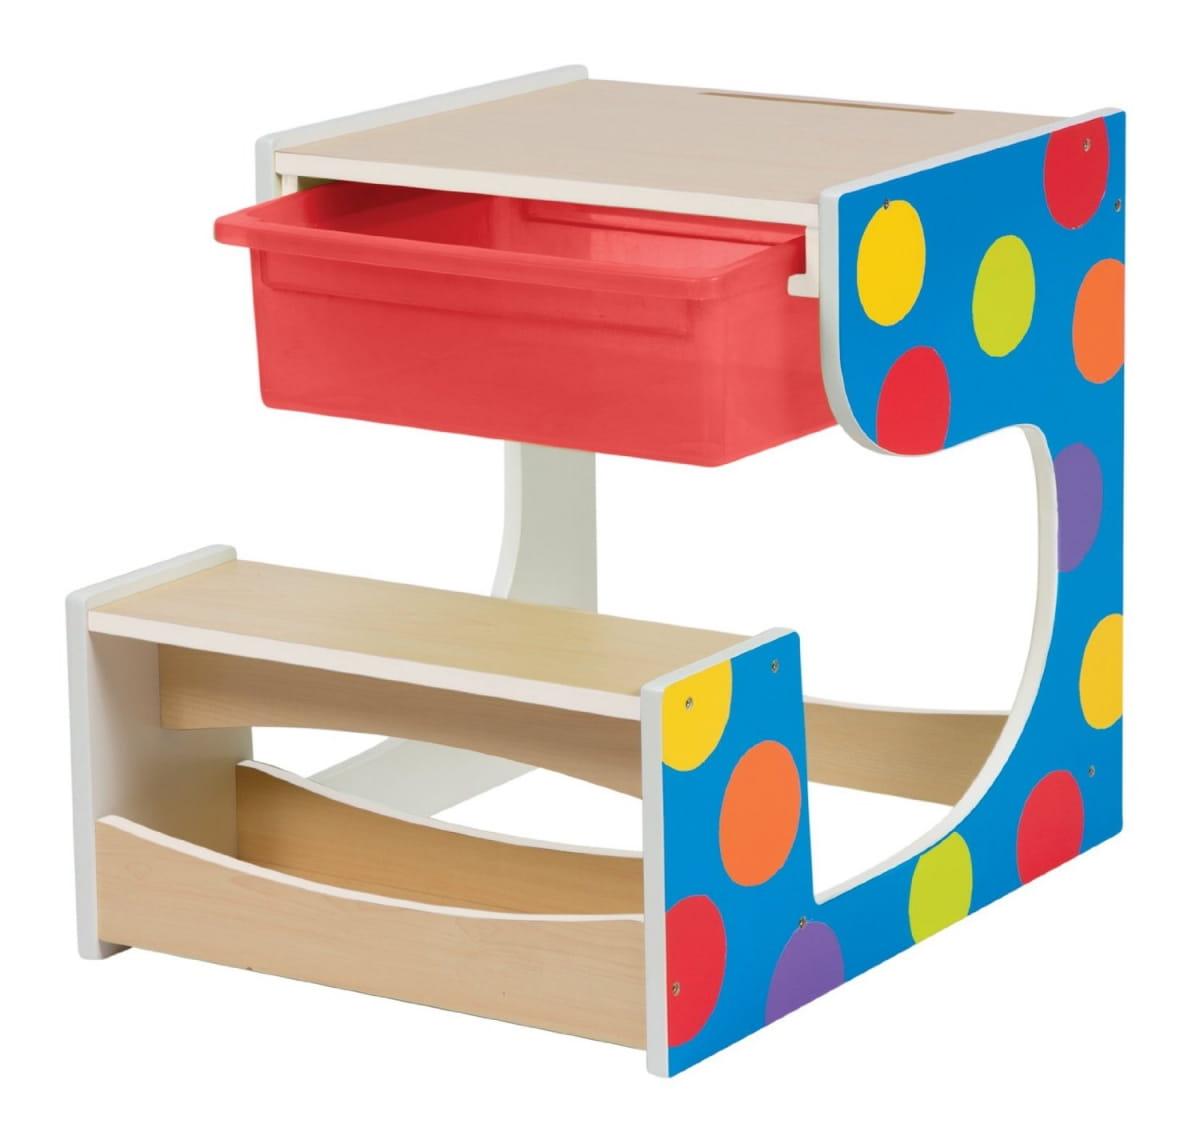 Стол-парта ALEX со скамейкой - Детская мебель